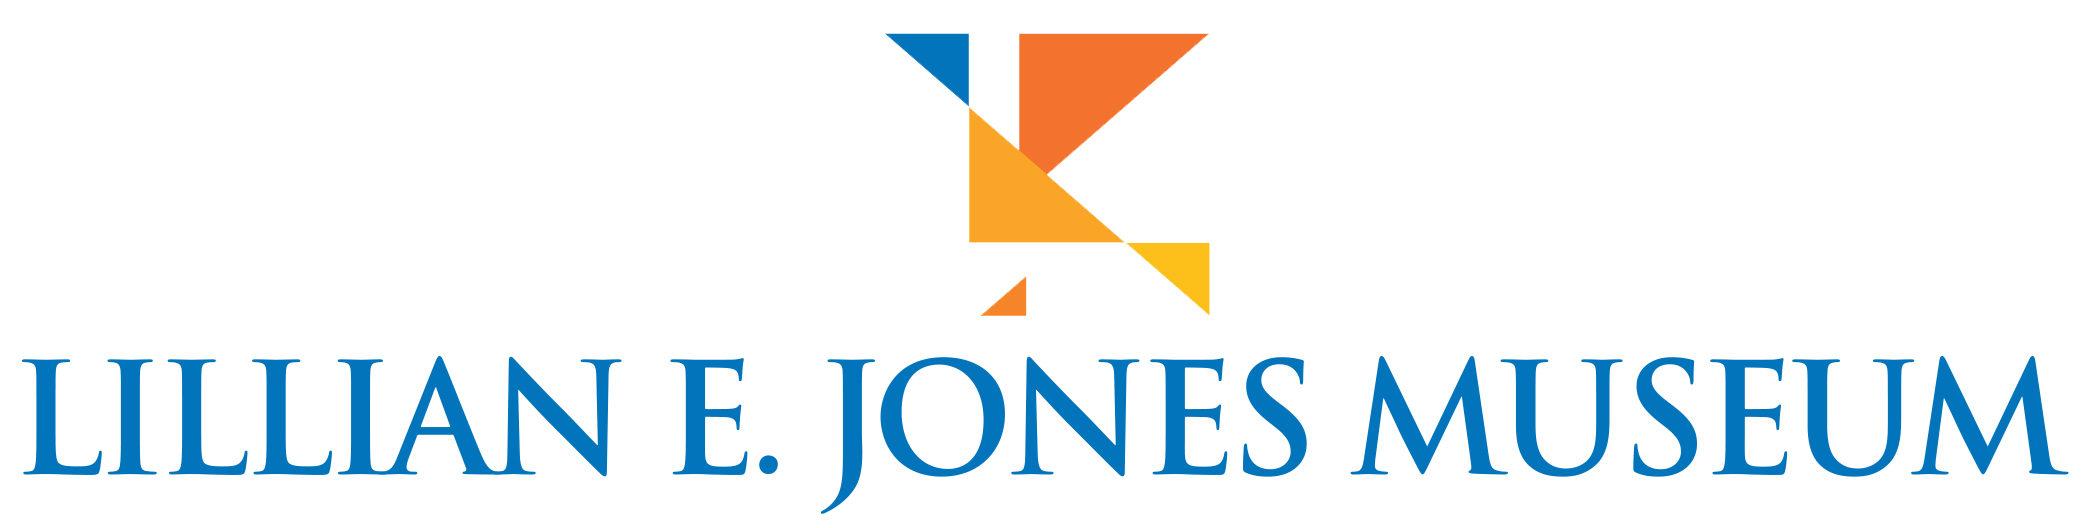 Logo for The Lillian E. Jones Museum